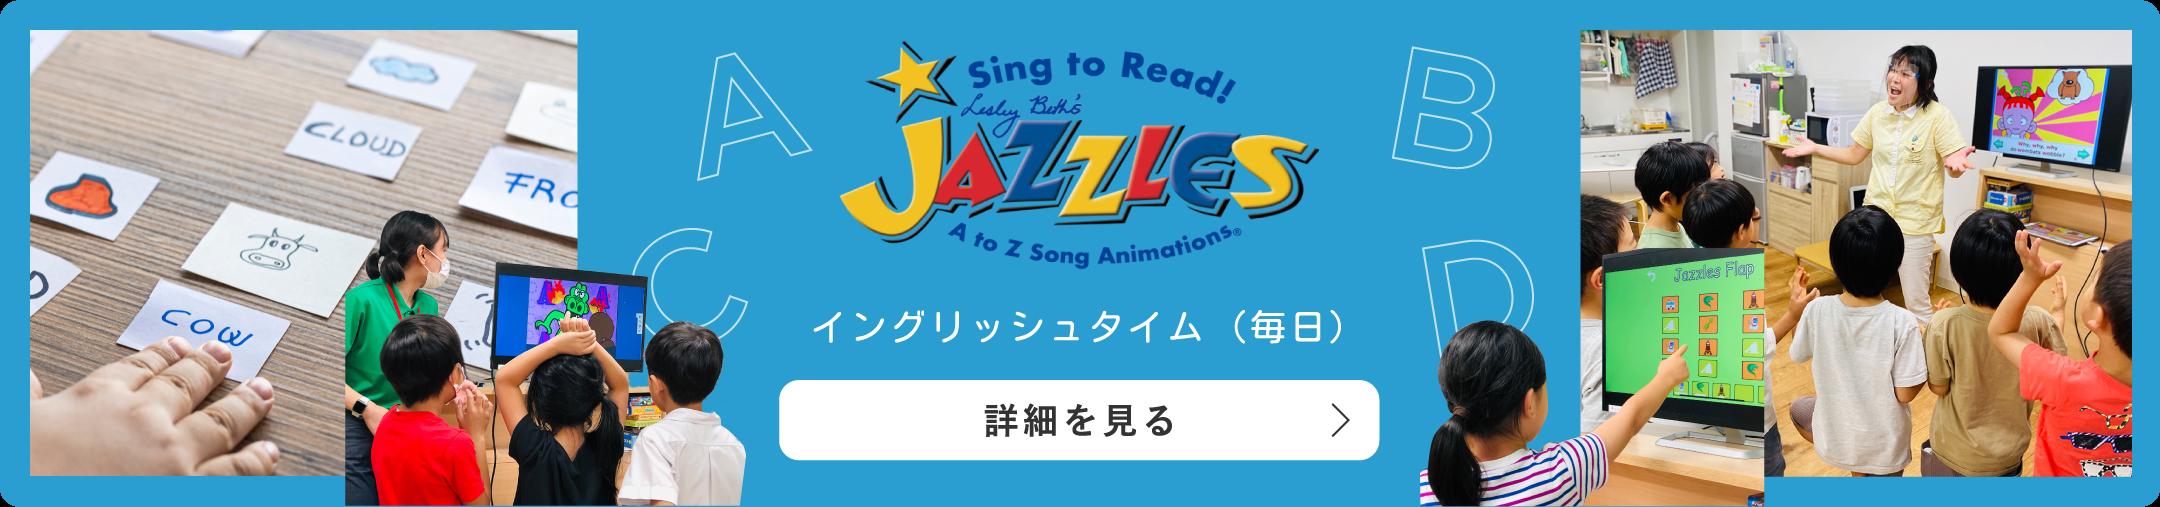 jazzles